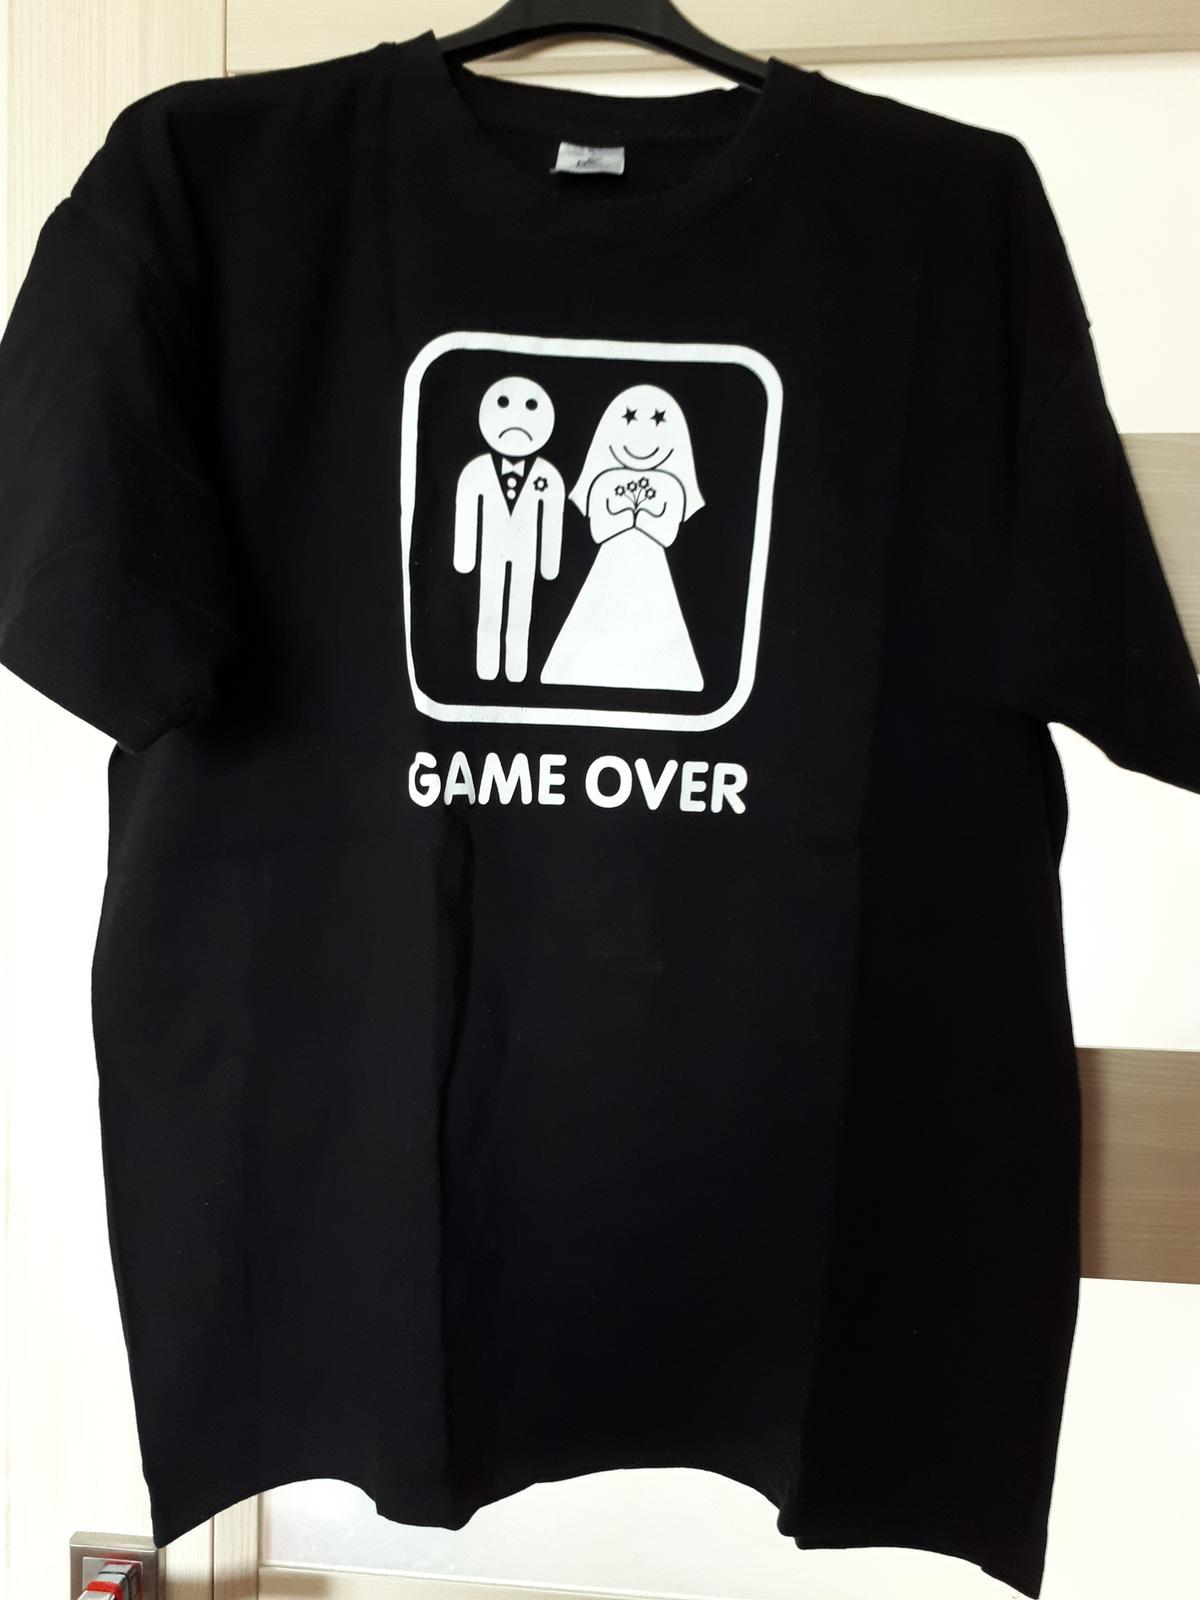 Pánske tričko GAME OVER  - Obrázok č. 1